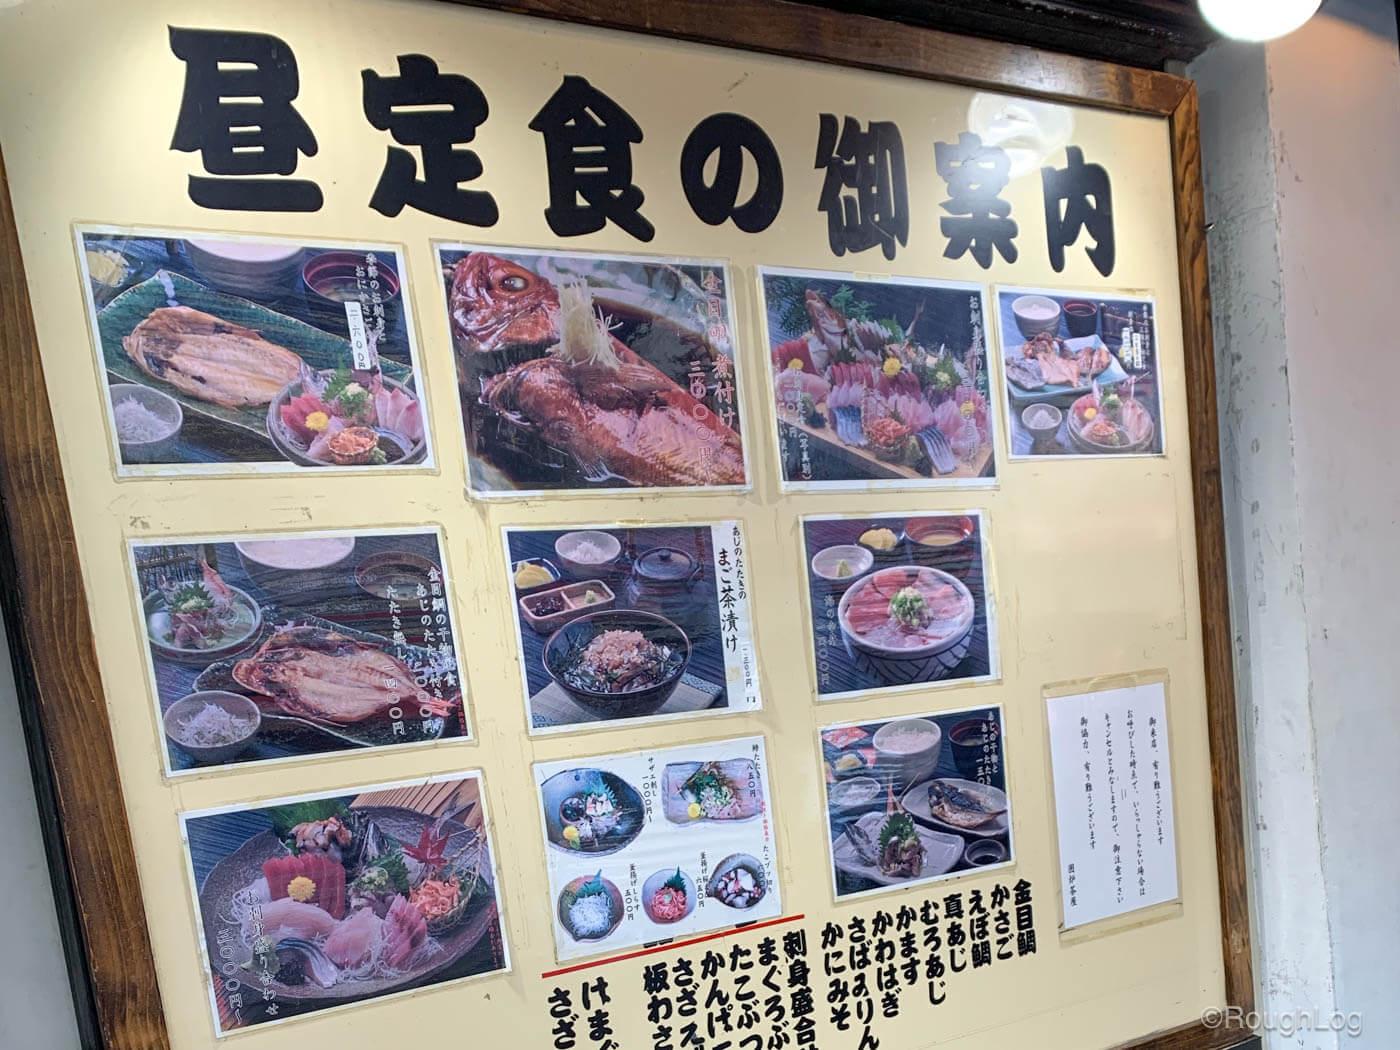 囲炉茶屋ではお刺身・干物・煮魚など様々なお魚料理を味わえる